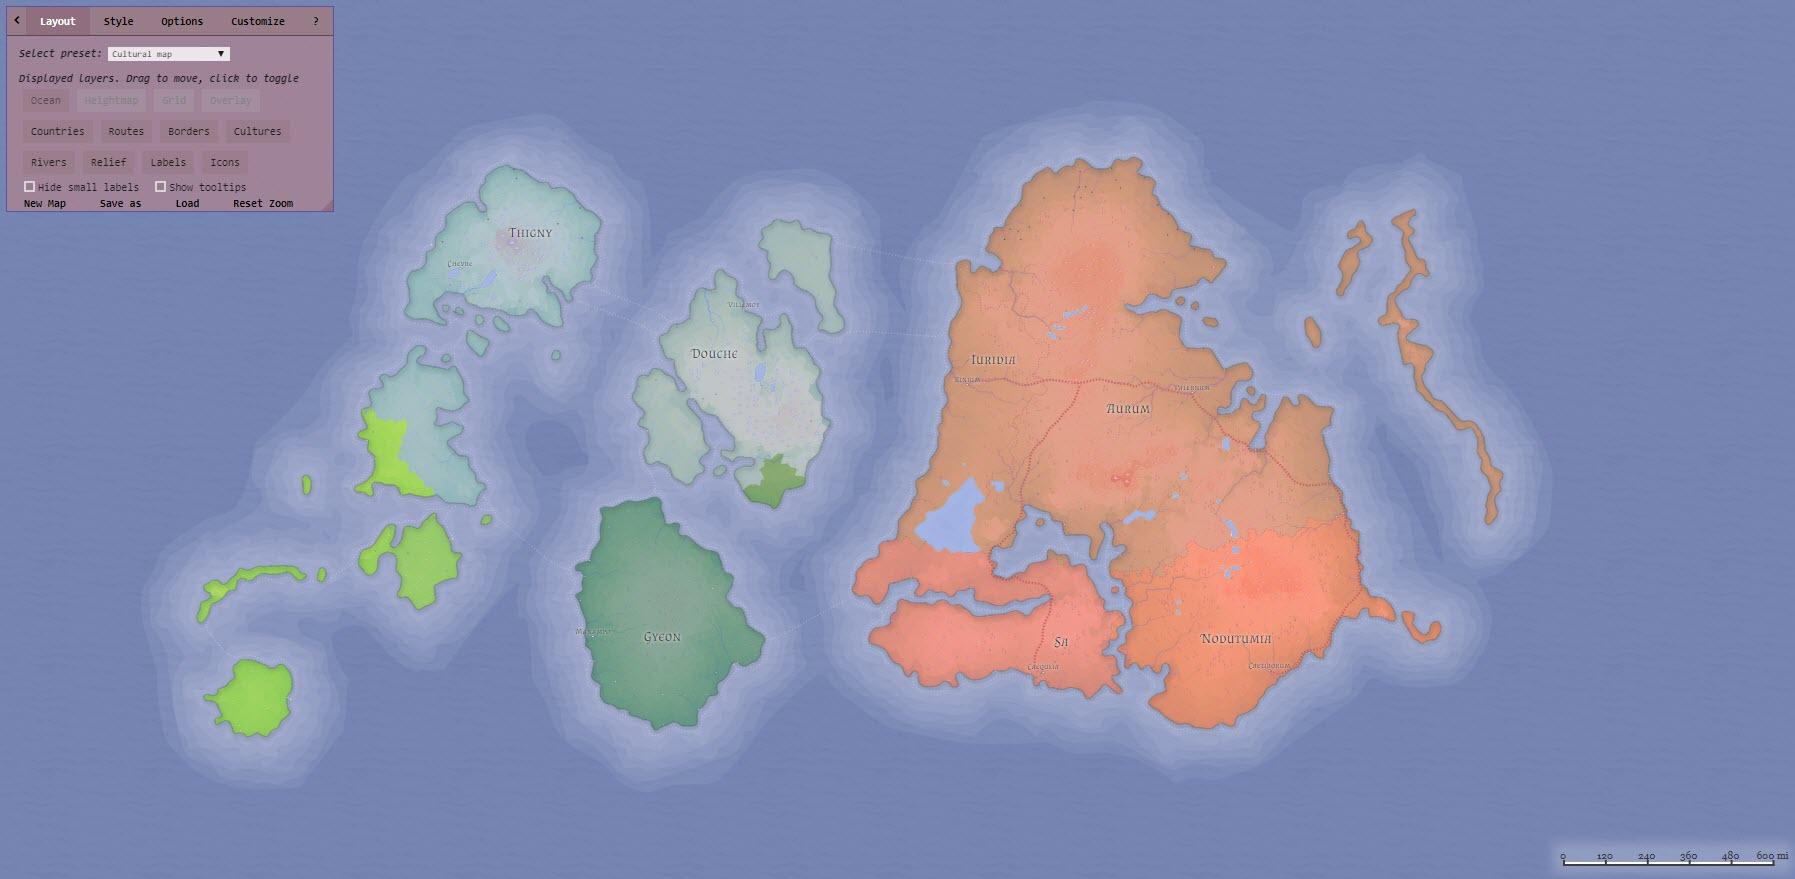 Map maker: Generating a fantasy world atlas